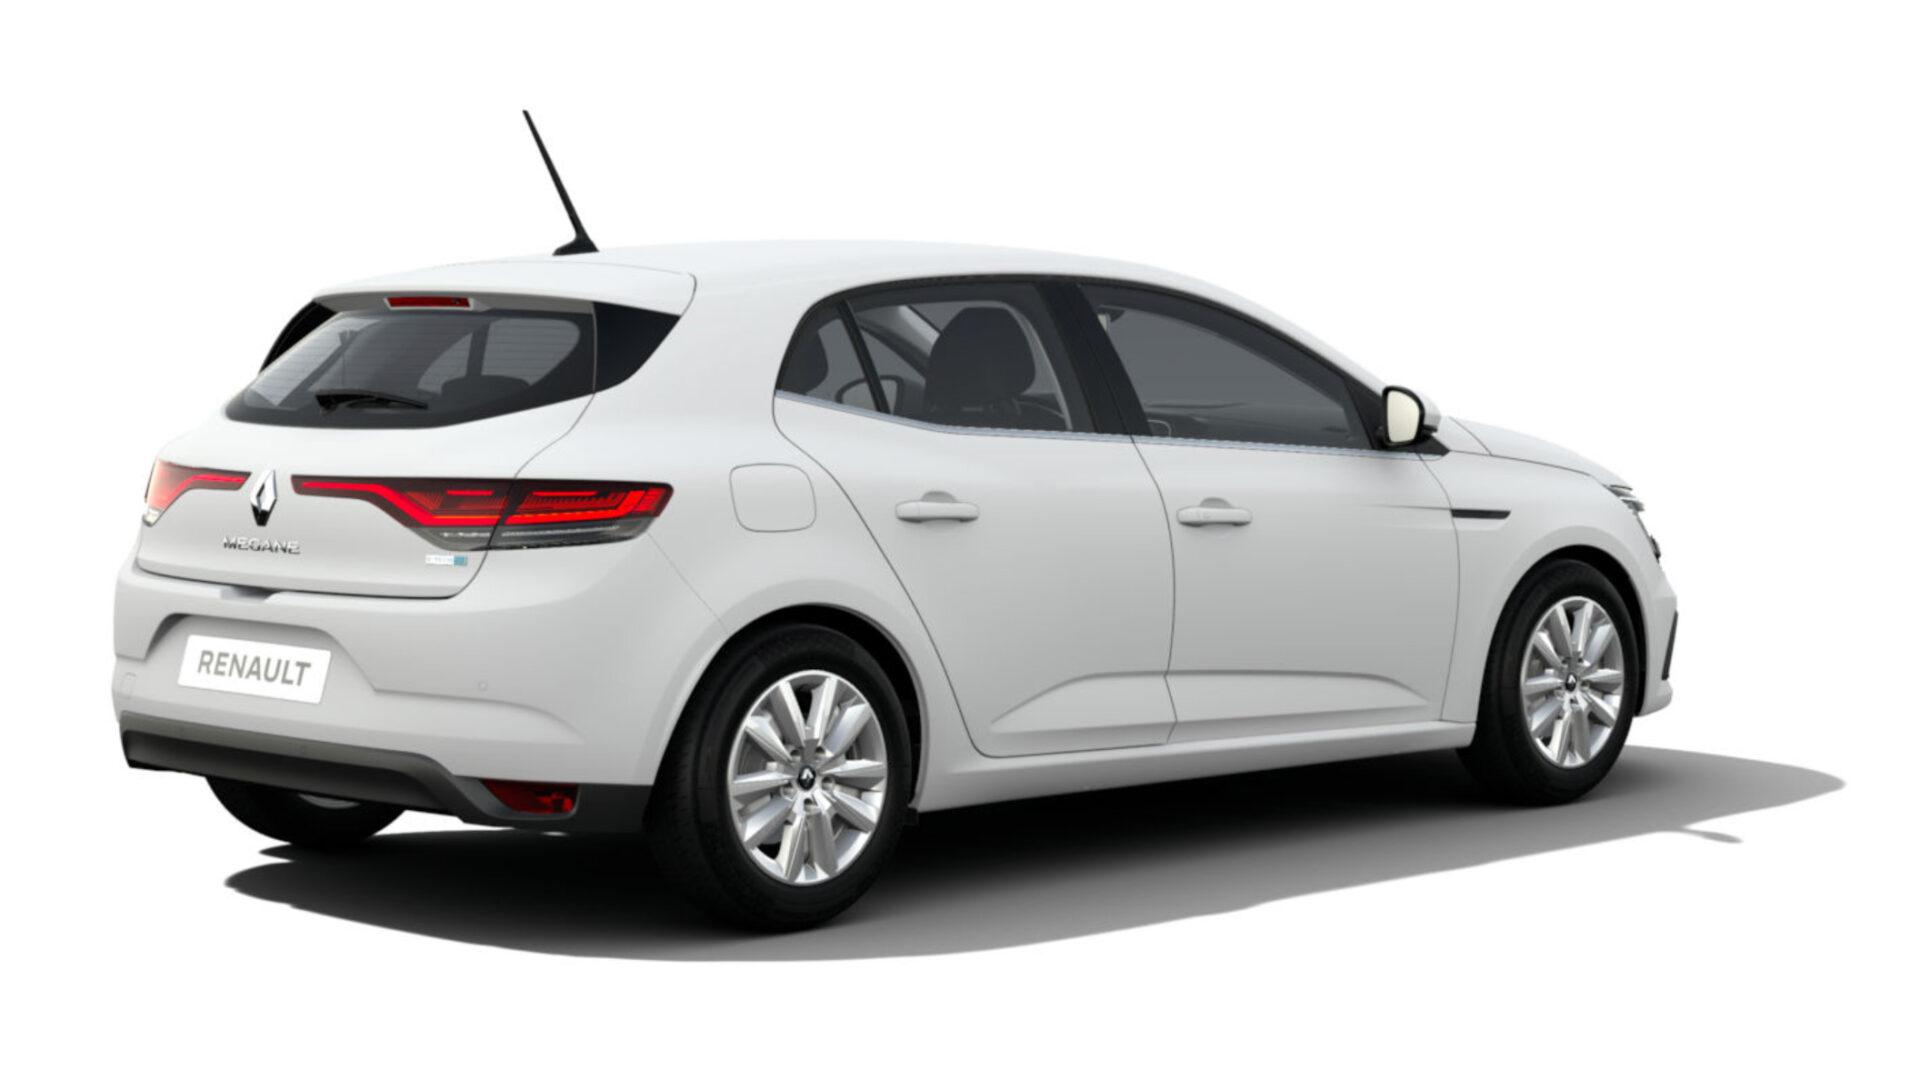 Renault Megane E-TECH perfil